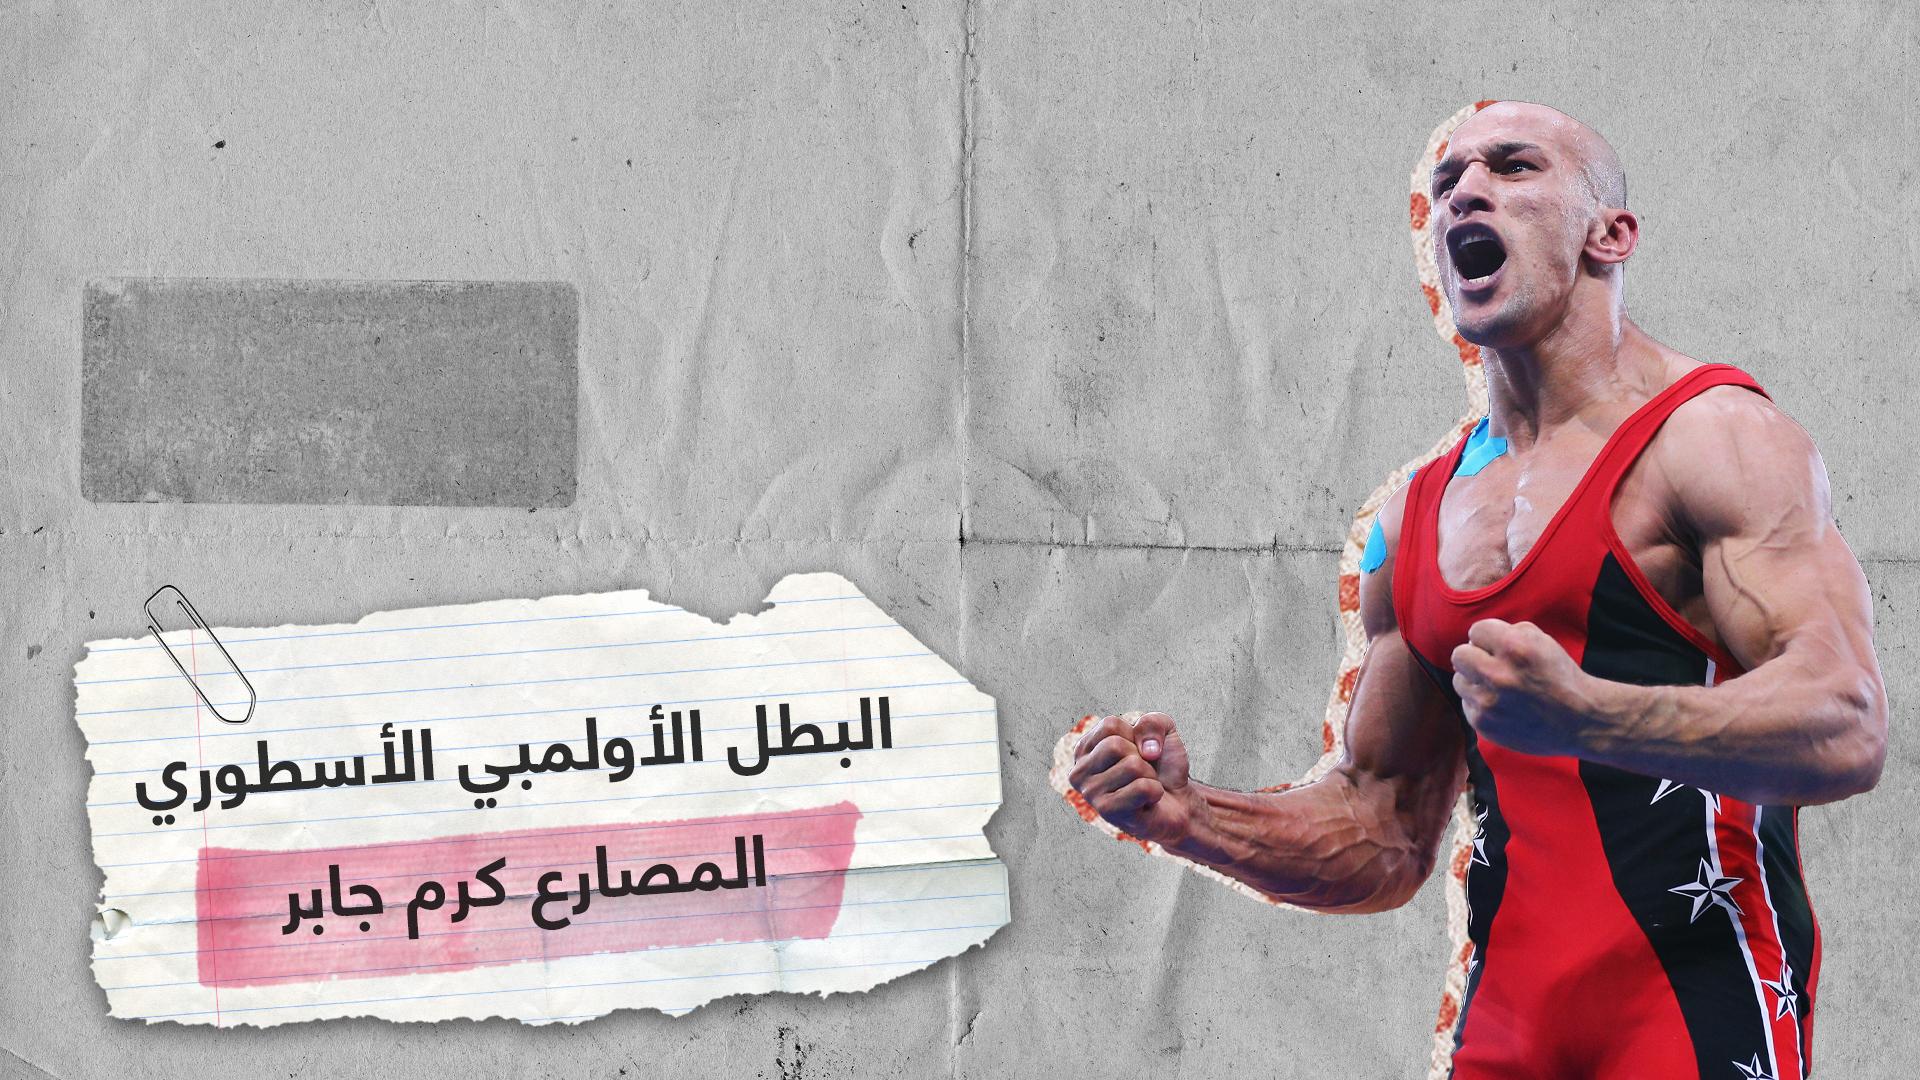 البطل الأولمبي بالمصارعة كرم جابر